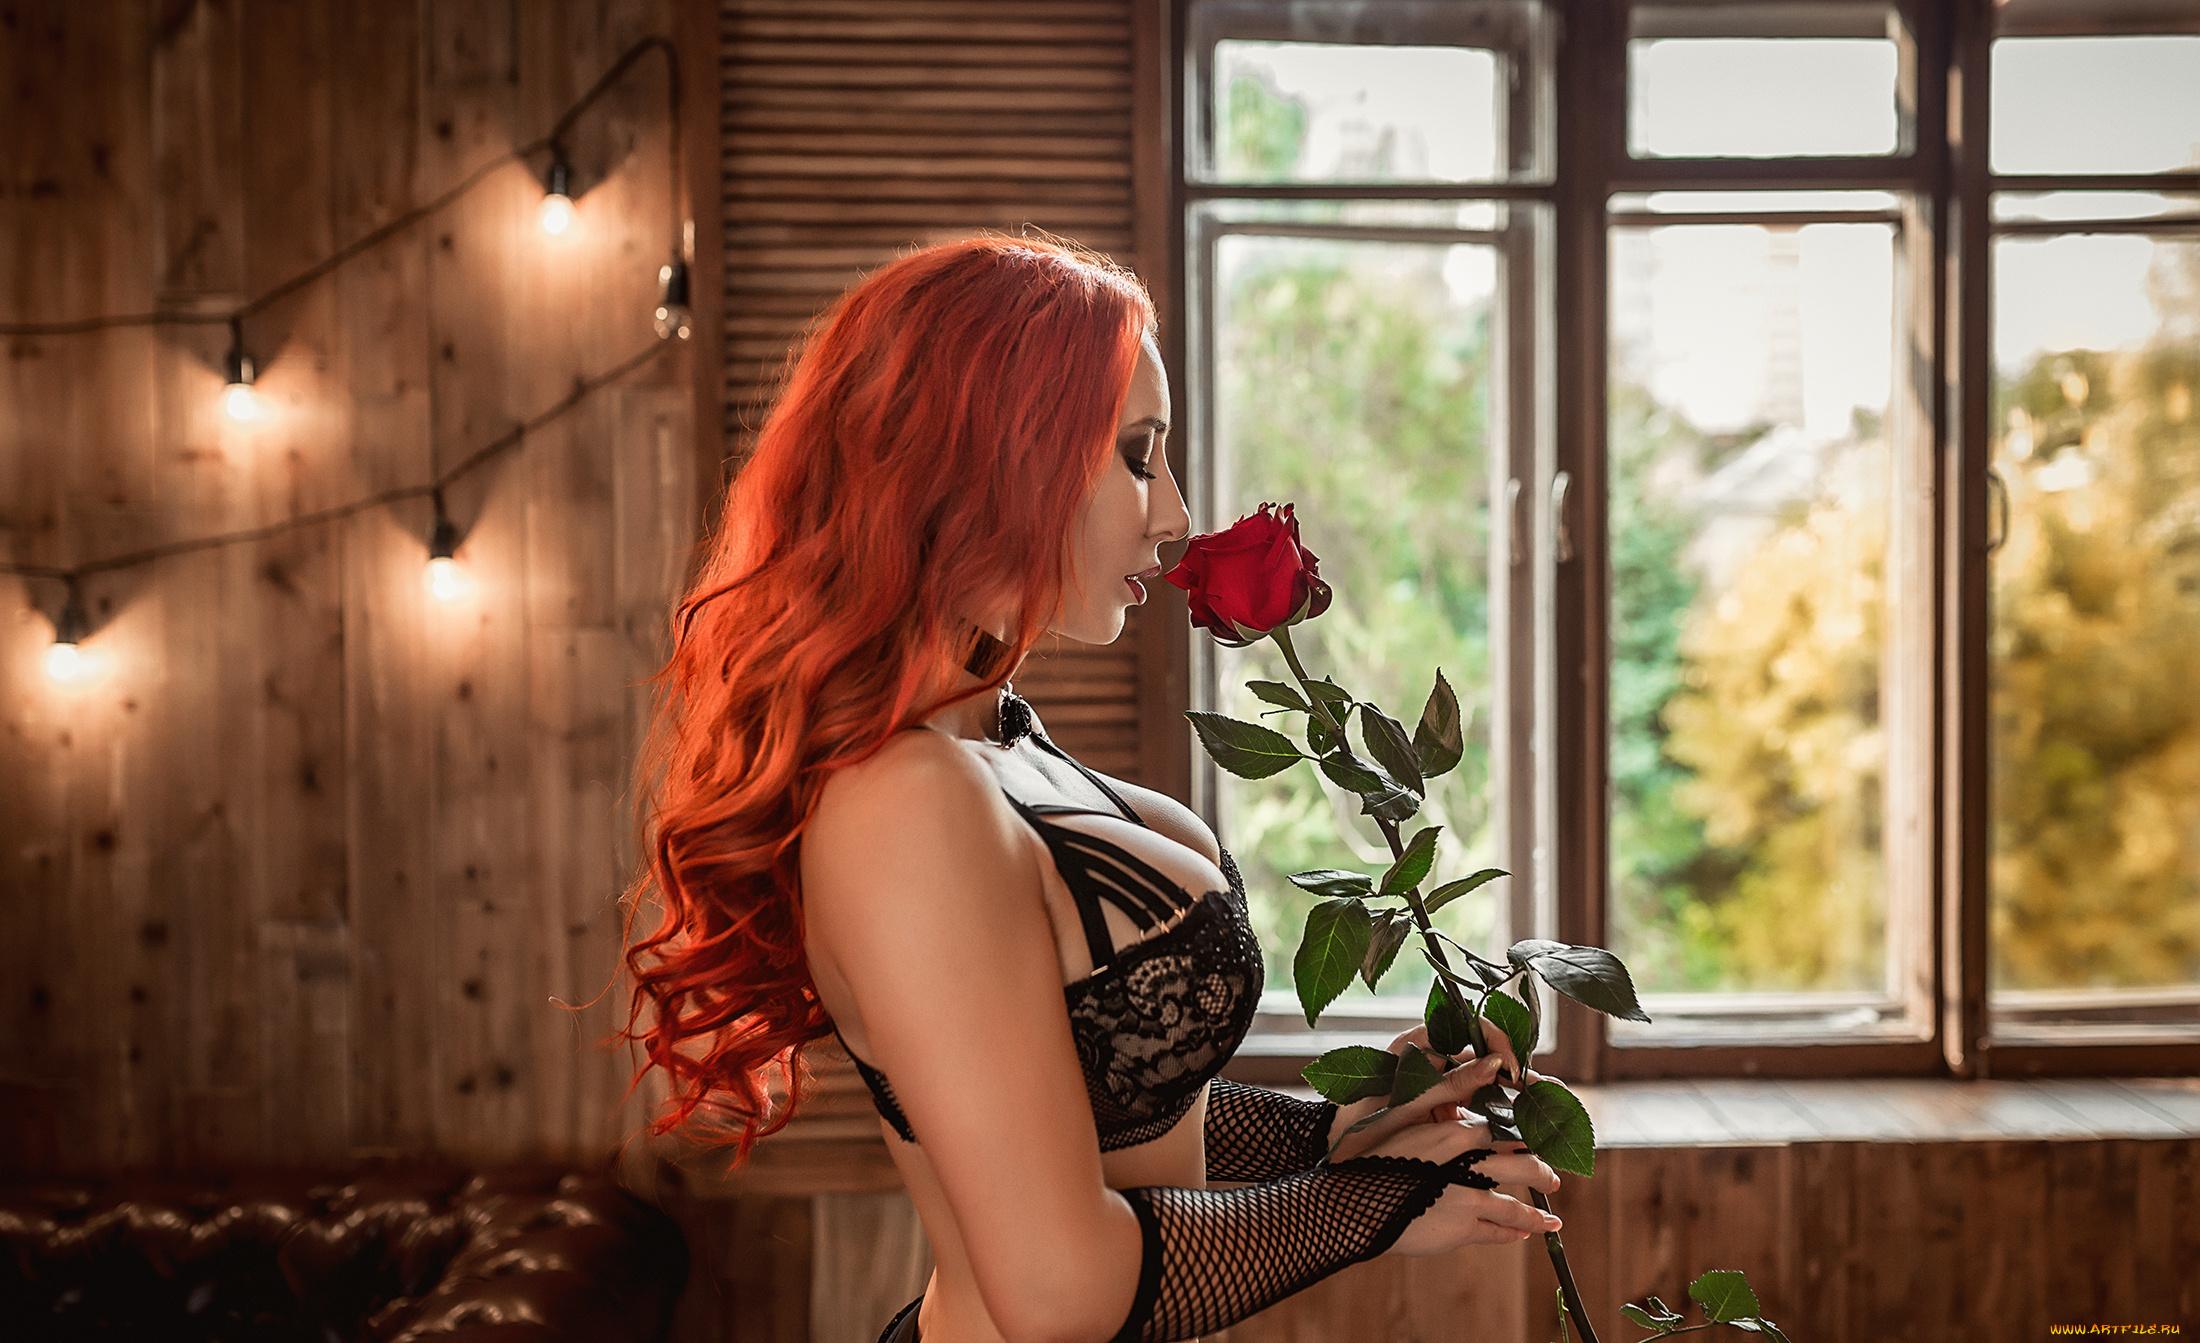 Секс с страстной рыженькой, Порно видео онлайн: РыжиеНежное 12 фотография